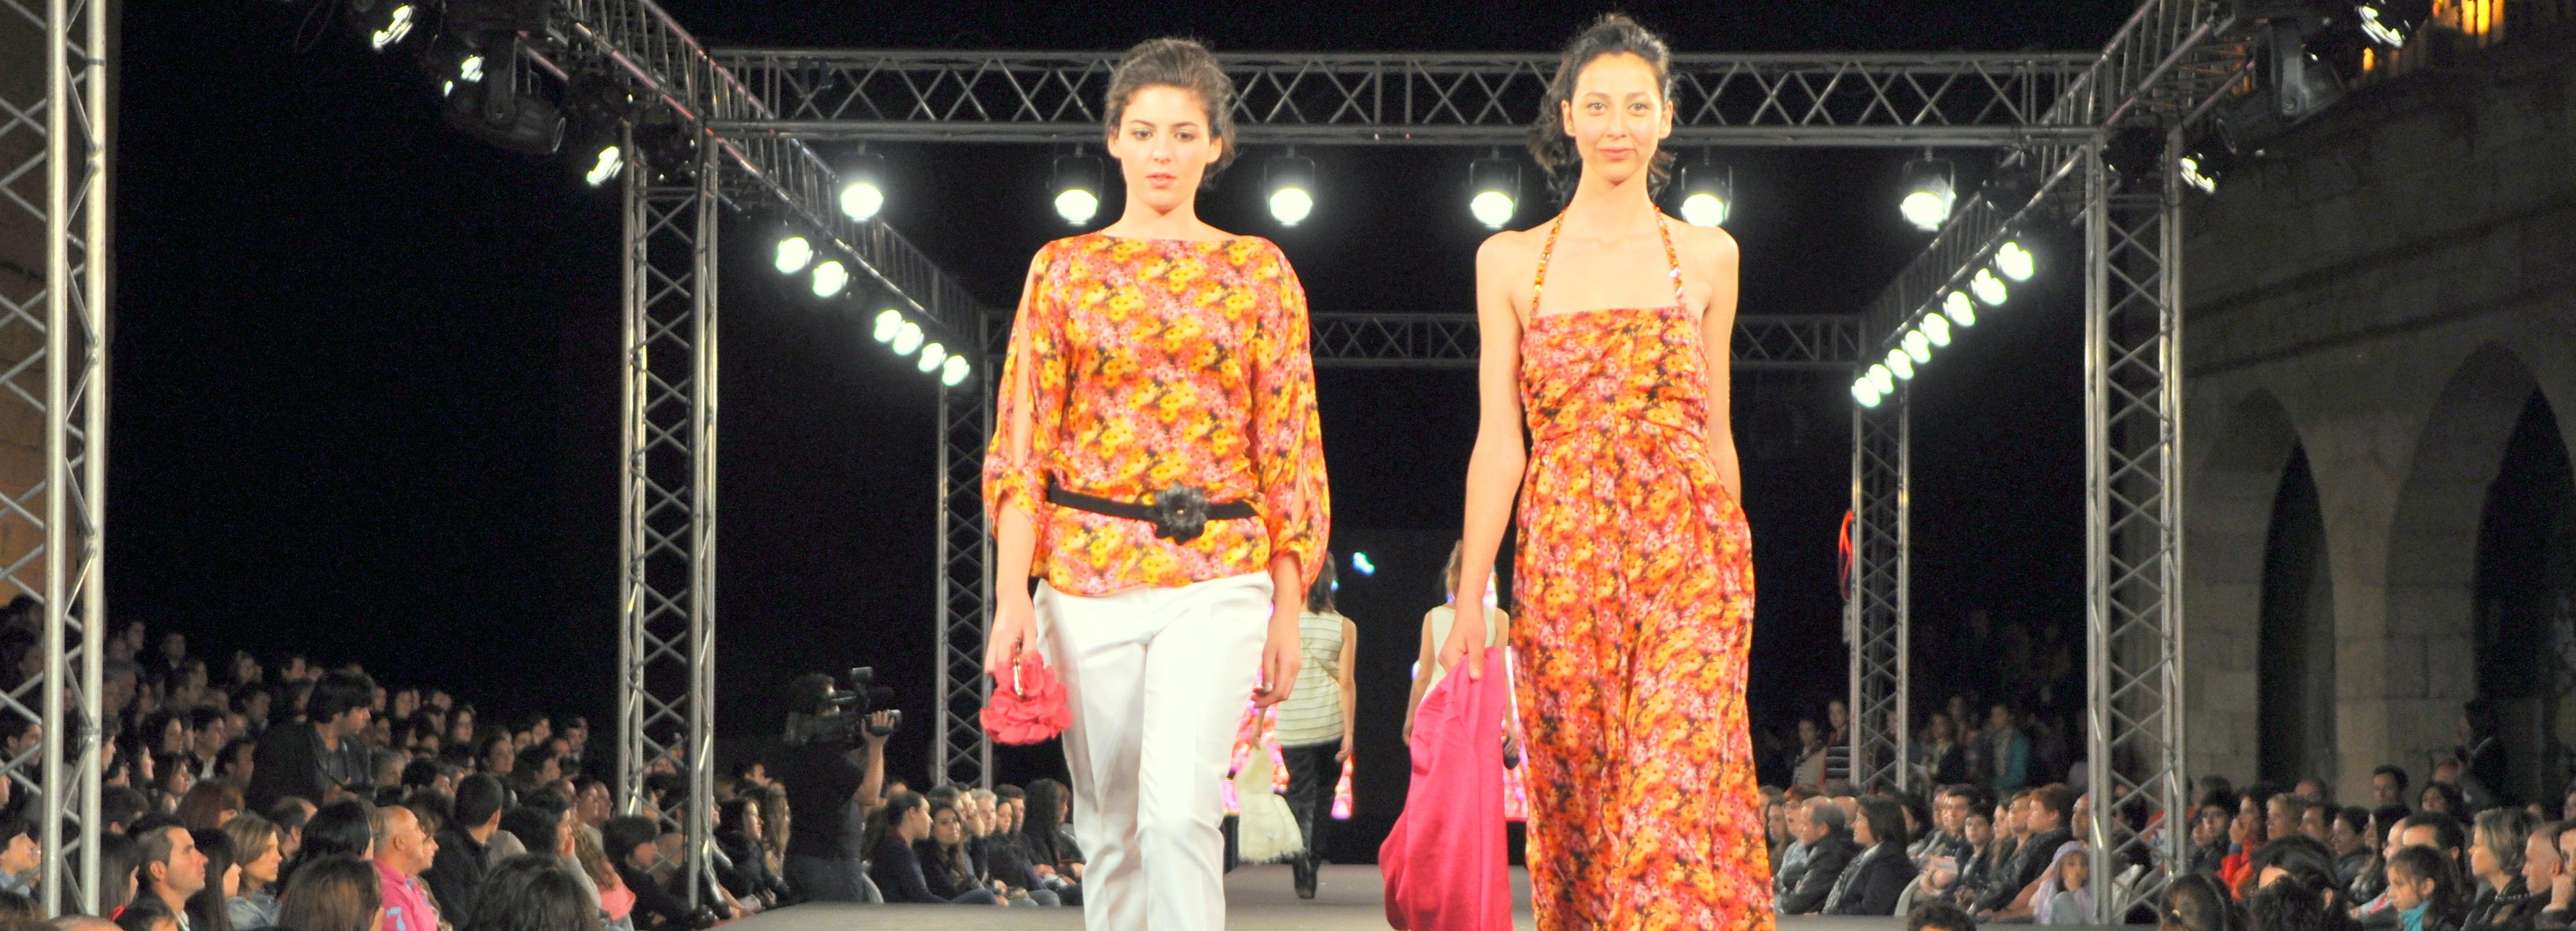 Diana Bouça Nova apresenta os desfiles Moda Barcelos 2013 nos dias 28 e 29 de junho